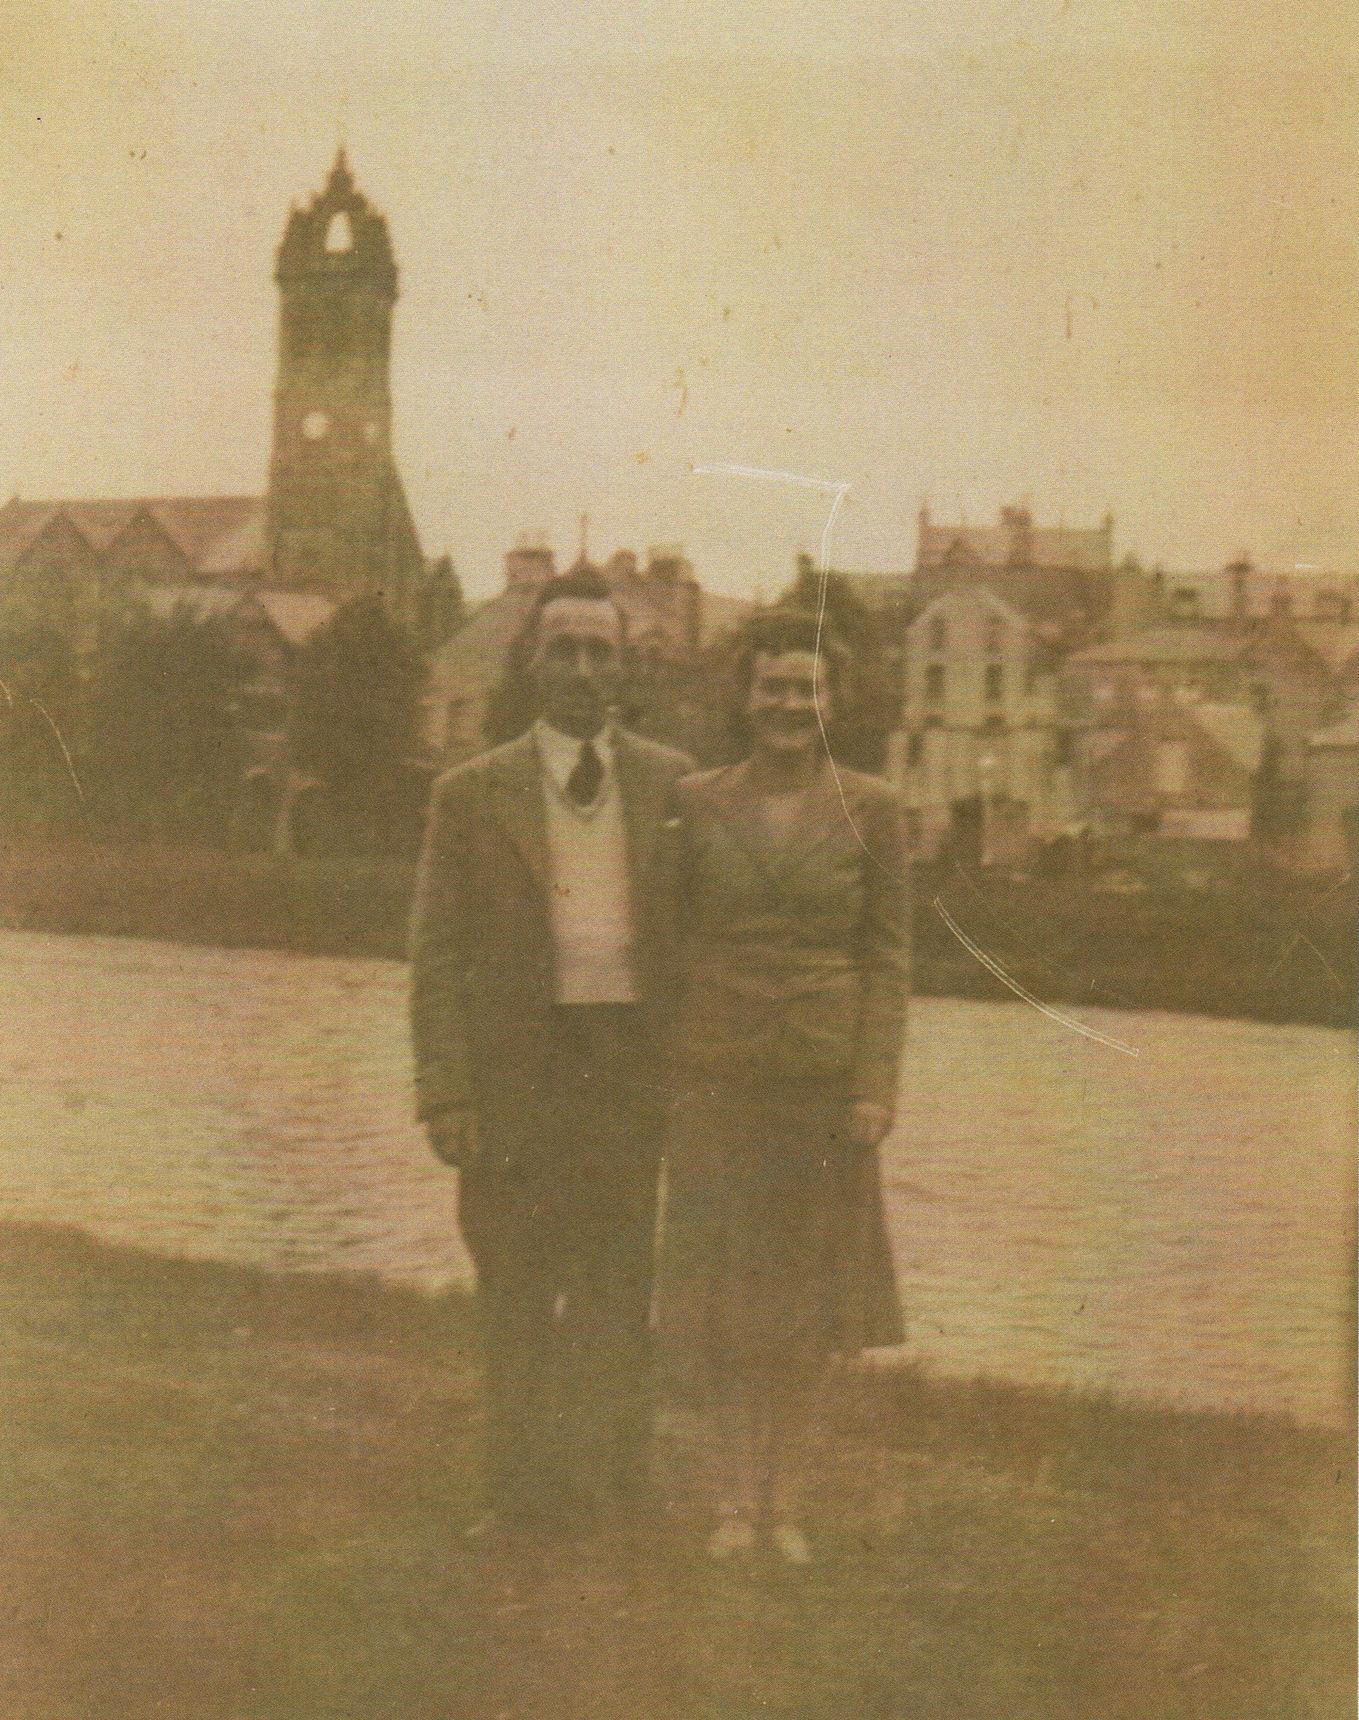 My Mum & Dad Gordon & Bessie Featherstonehaugh at Peebles.